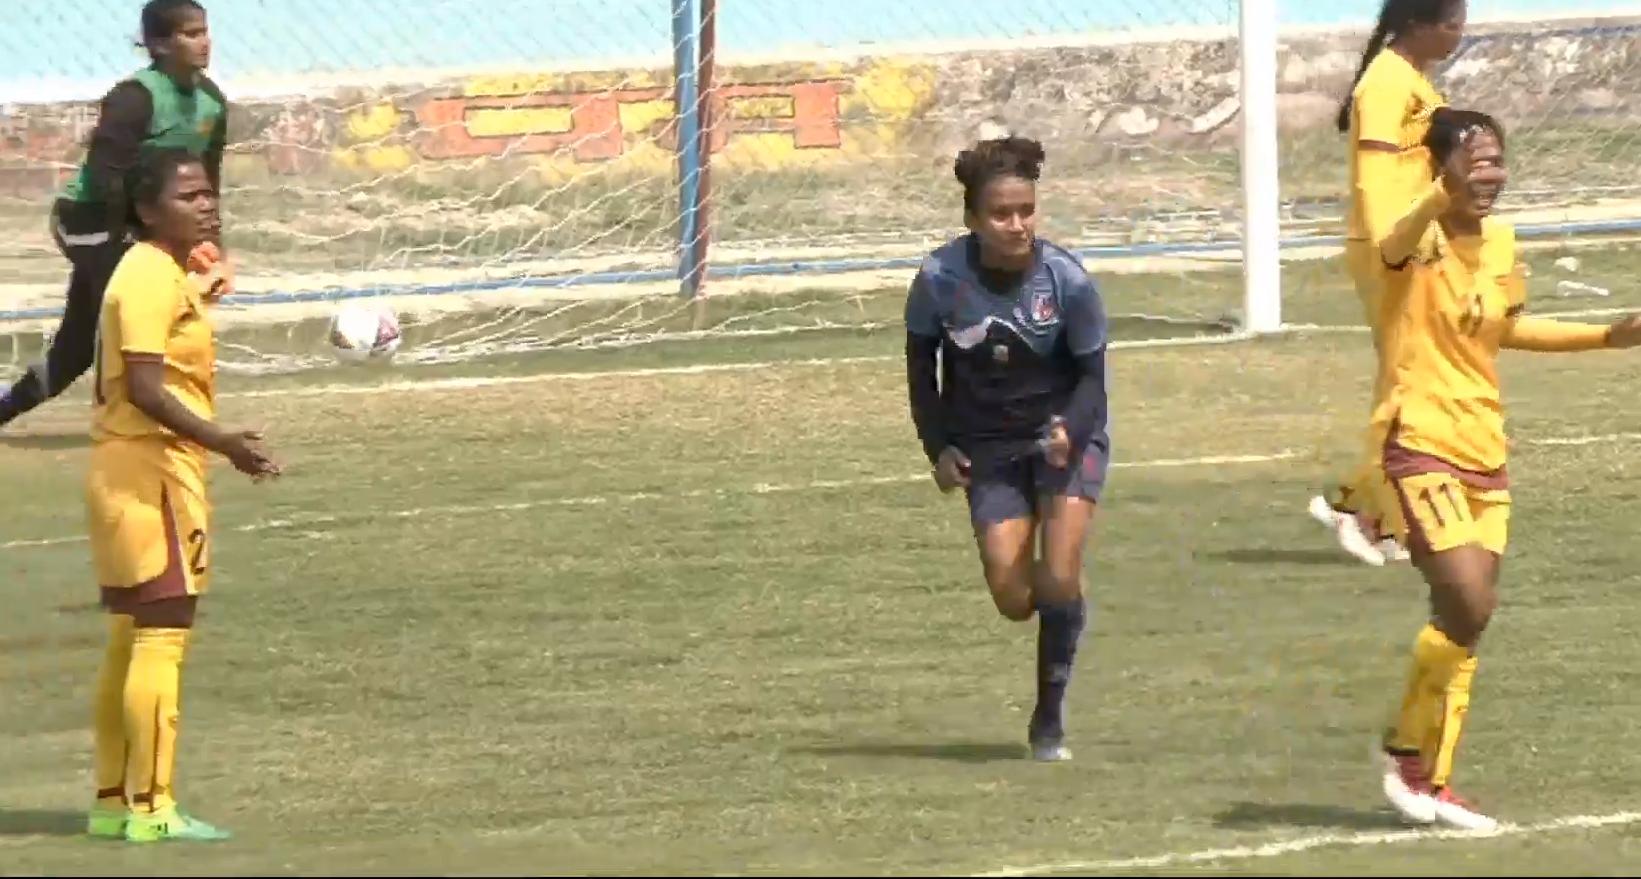 श्रीलंकालाई ४-० ले हराउँदै नेपाल साफ च्याम्पियनसिपको फाइनलमा